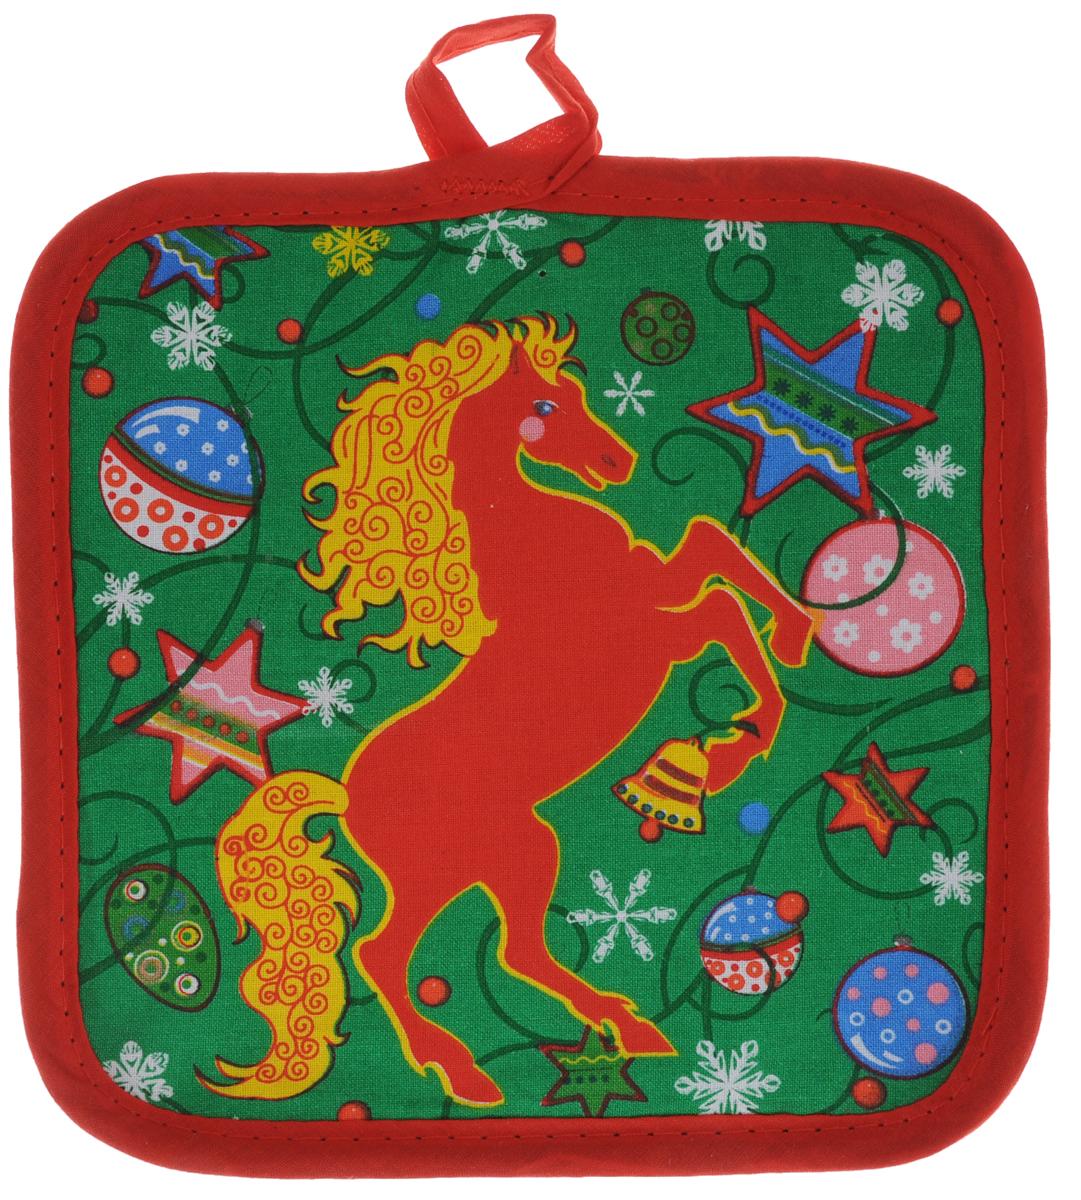 Прихватка Bonita Красный конь, 17 х 17 см1101211858Прихватка Bonita Красный конь - незаменимый помощник на любой кухне. Изделие, выполненное из натурального хлопка и полиэстера, оформлено красивым новогодним принтом с лицевой стороны. Задняя сторона простегана, что позволяет наполнителю не скатываться со временем. Благодаря специальной петельке изделие можно подвесить на крючок. Прихватка мягкая, удобная и практичная. Она защитит ваши руки и предотвратит появление ожогов. Красочный дизайн позволит красиво дополнить интерьер кухни.